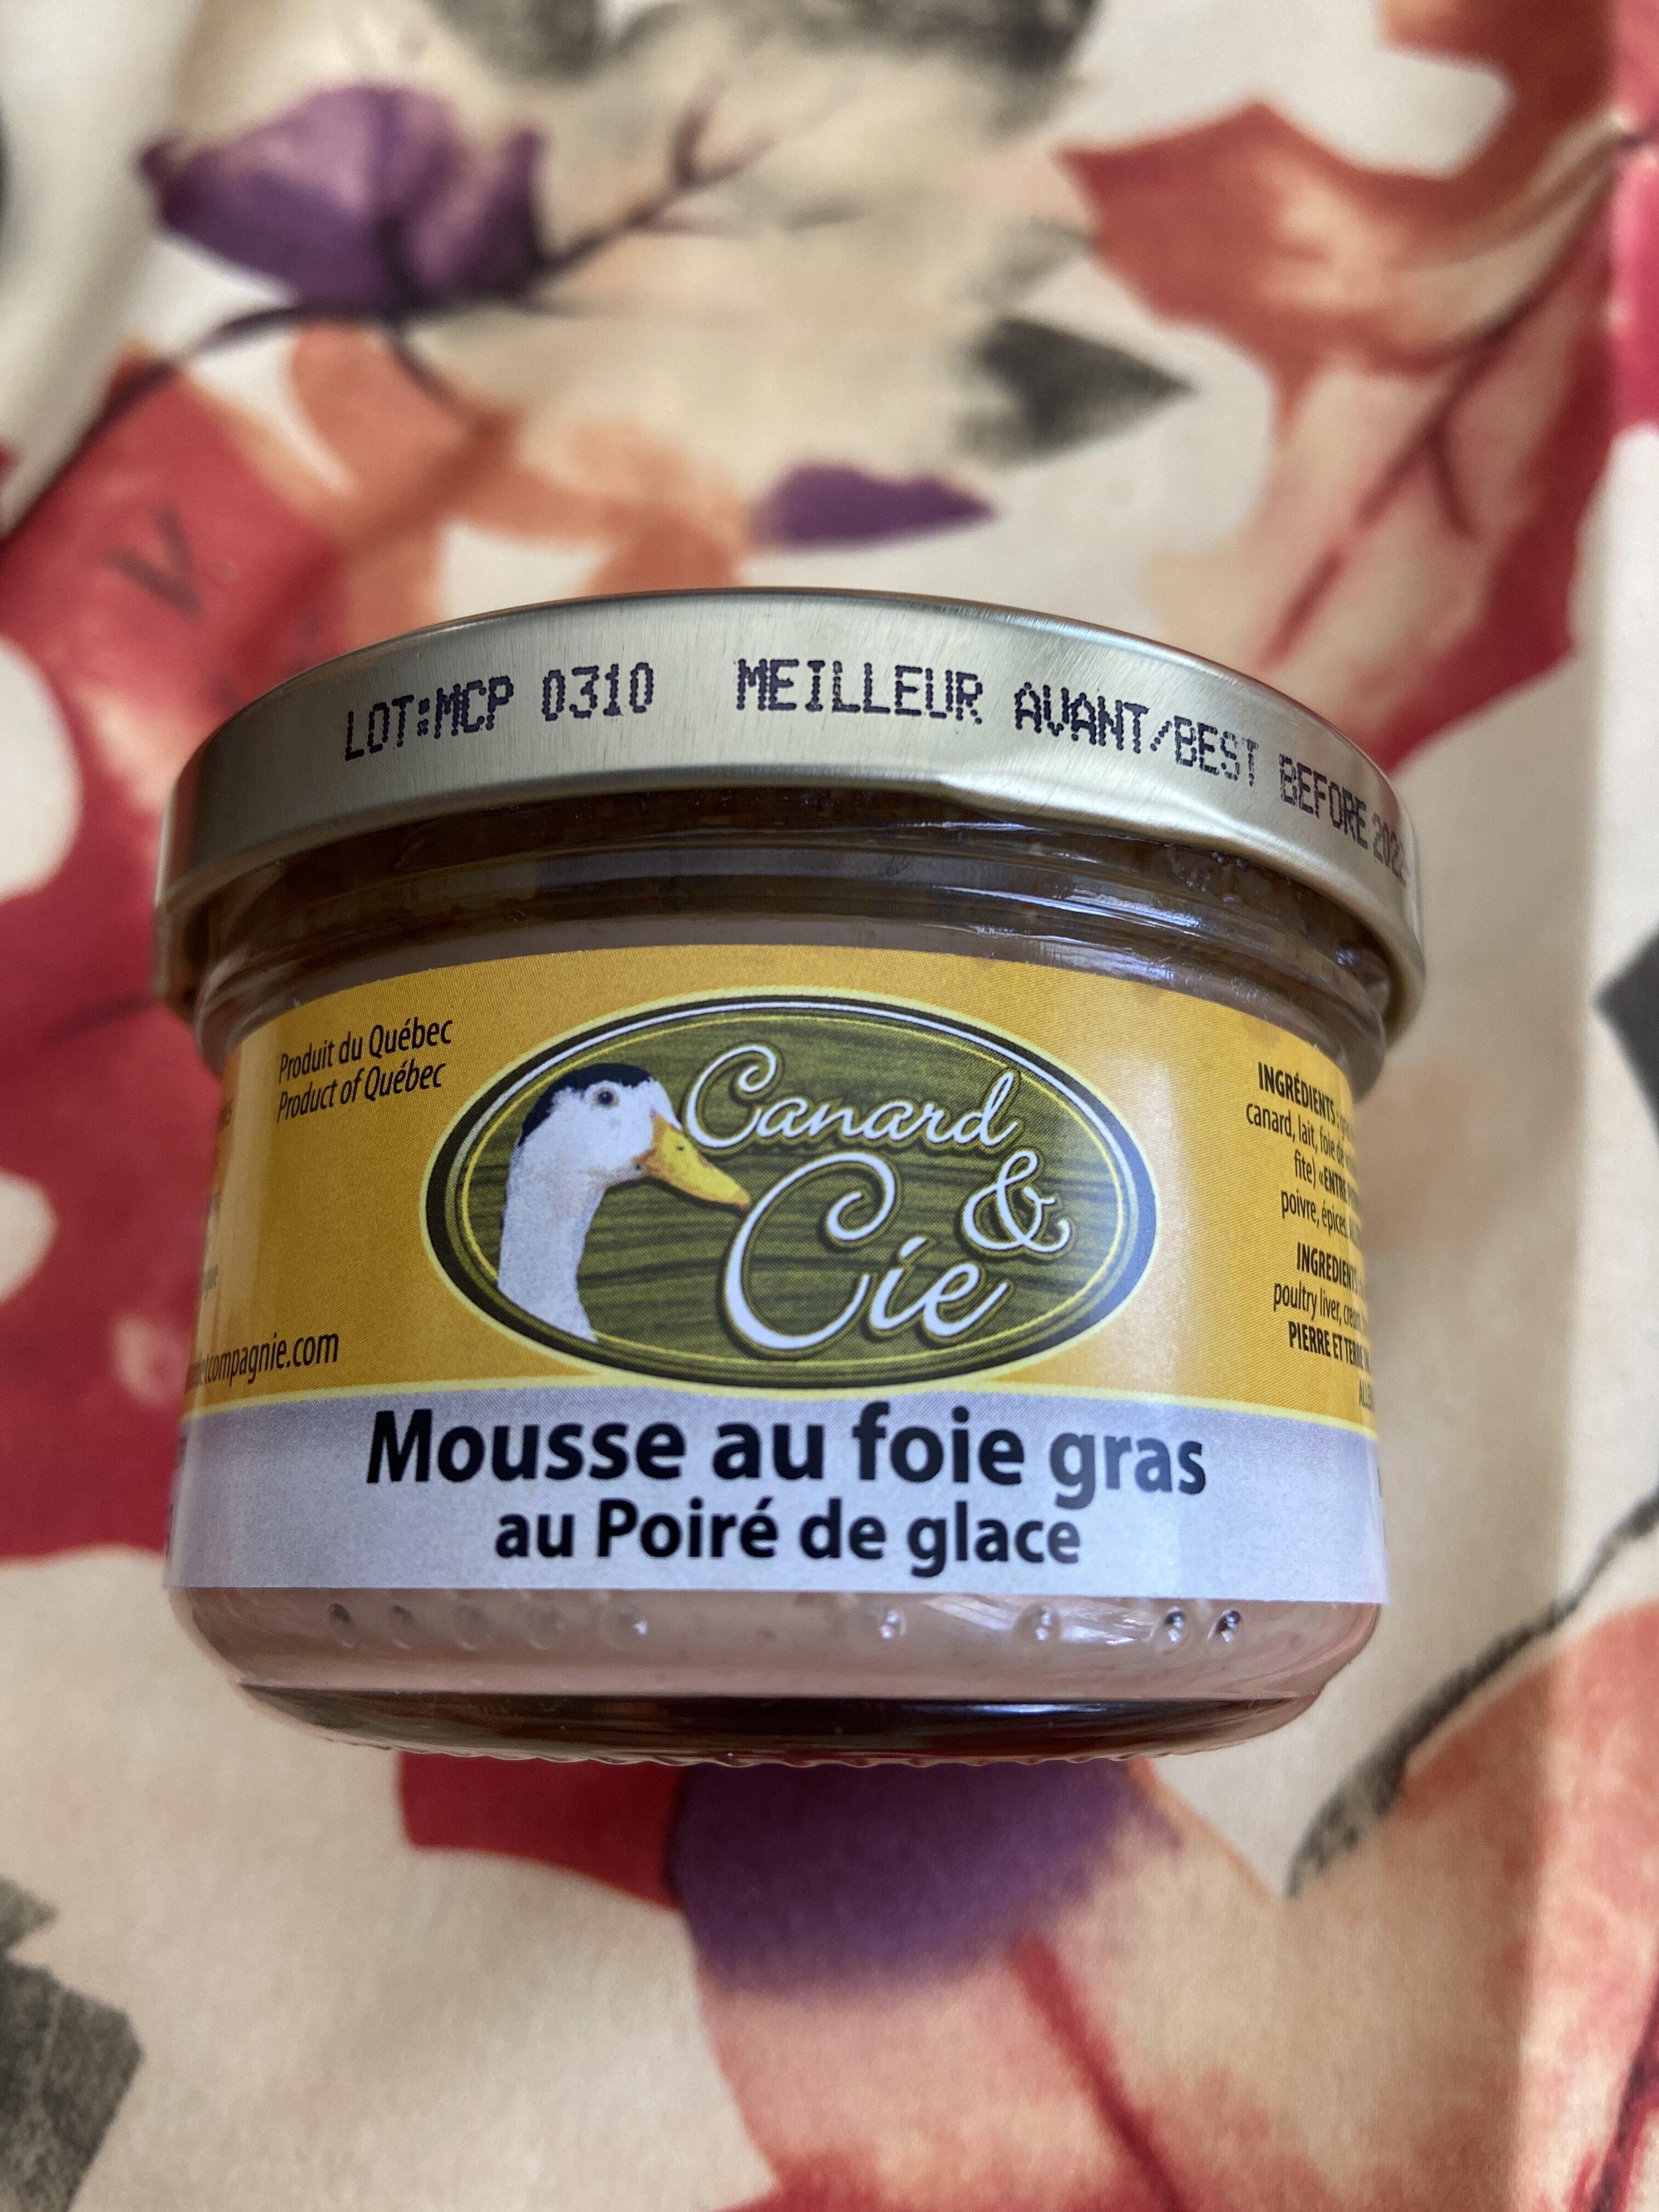 Mousse au foie gras au Poiré de glace - Product - en